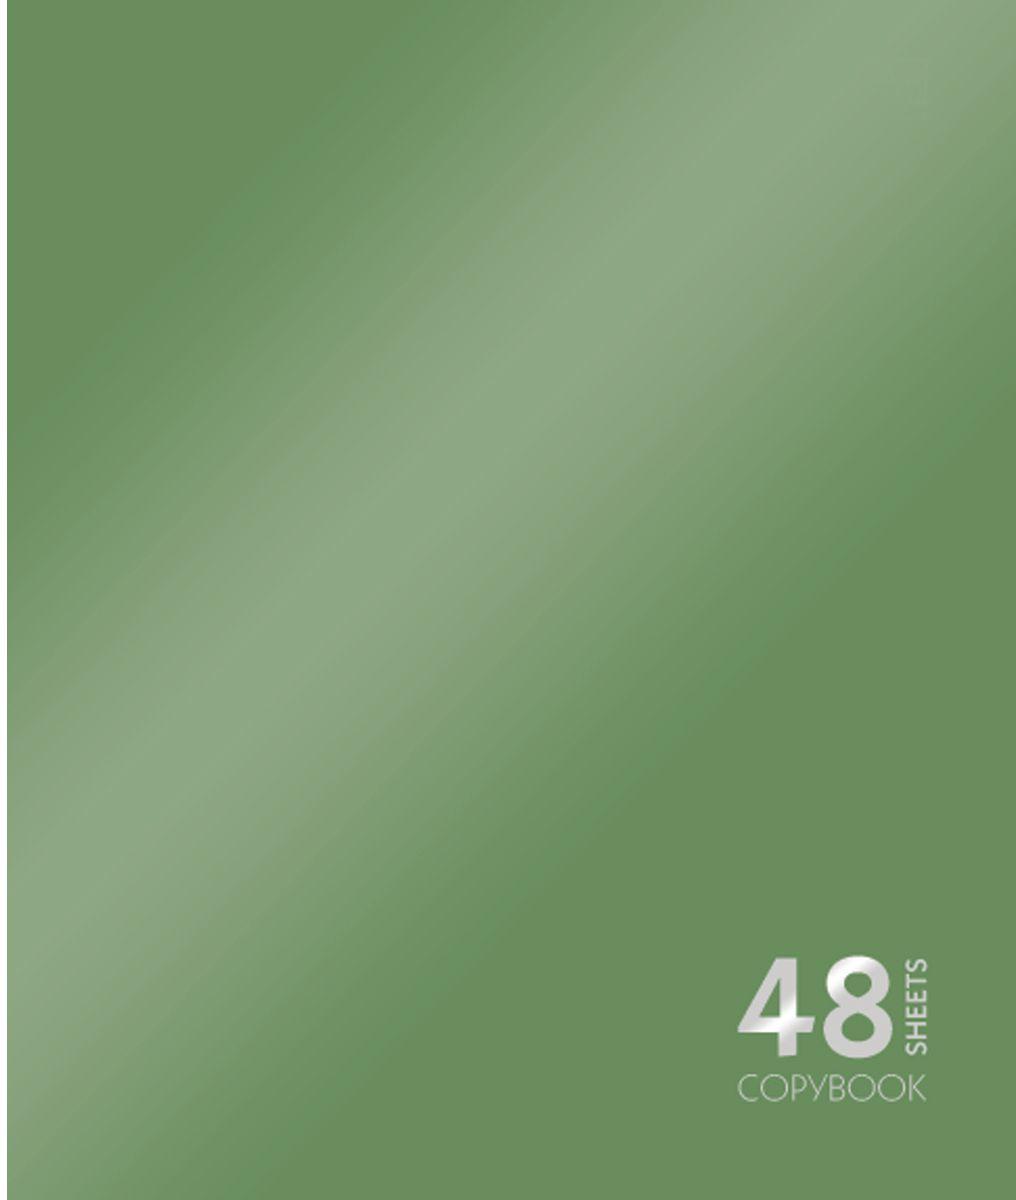 Канц-Эксмо Тетрадь Сияние цвета 48 листов в клетку цвет зеленыйТК485182Тетрадь А5 48 листов на скрепке, клетка. Обложка мелованный картон с пантонной металлизированной печатью. Бумага офсет 60г/м2